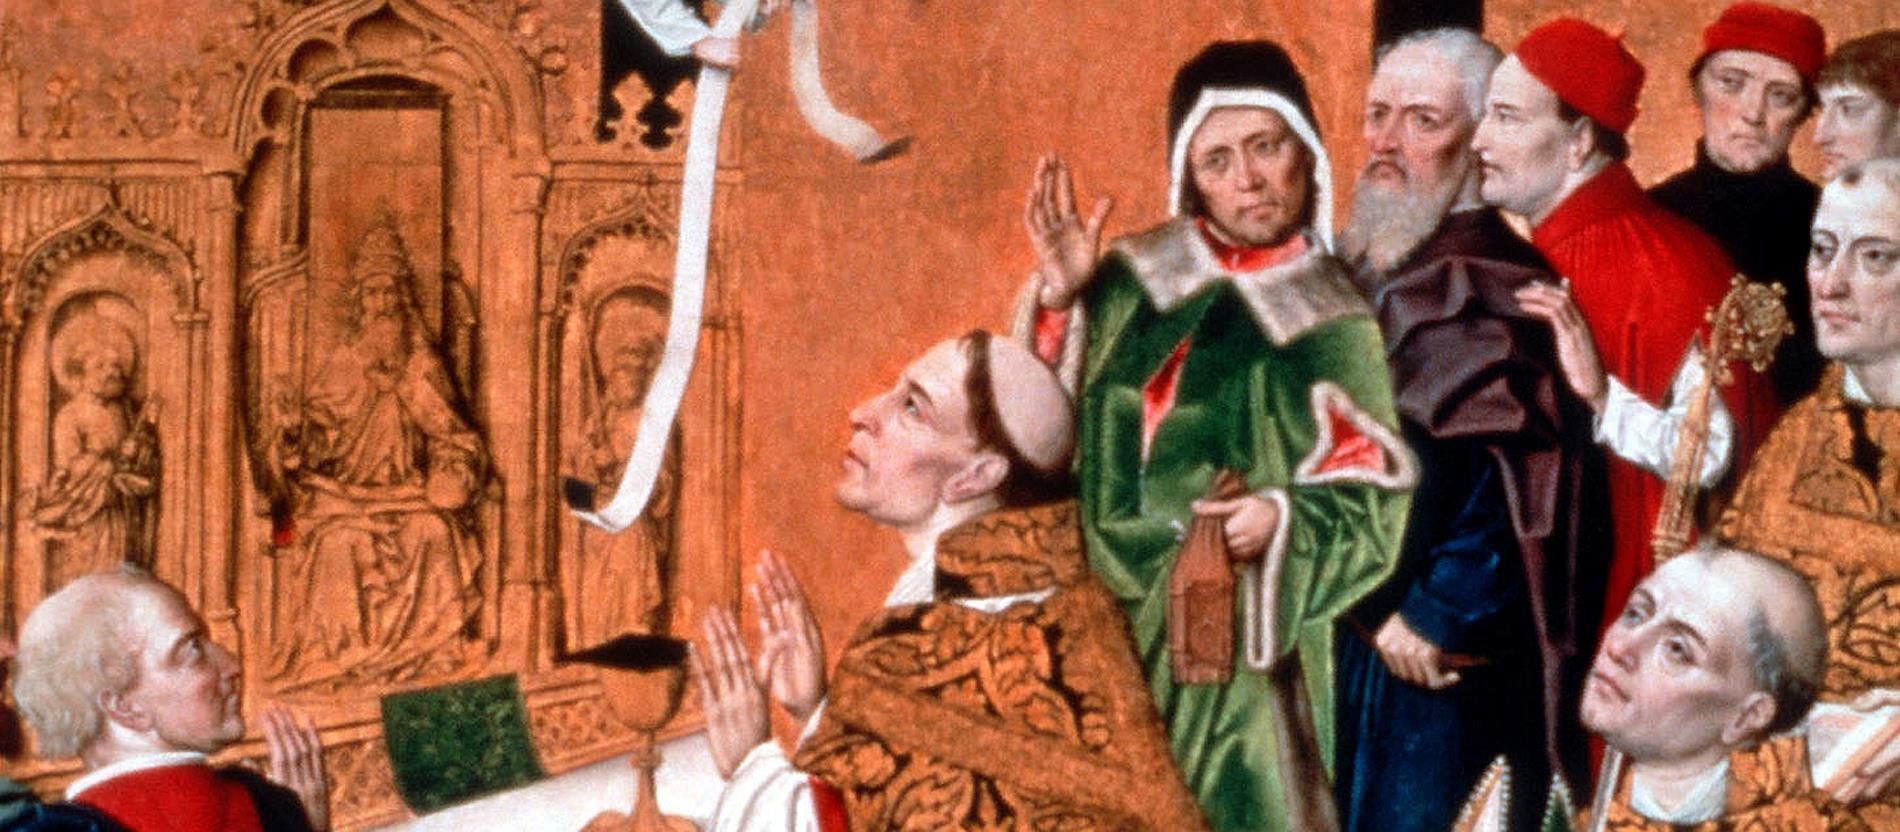 Der heilige Hubertus